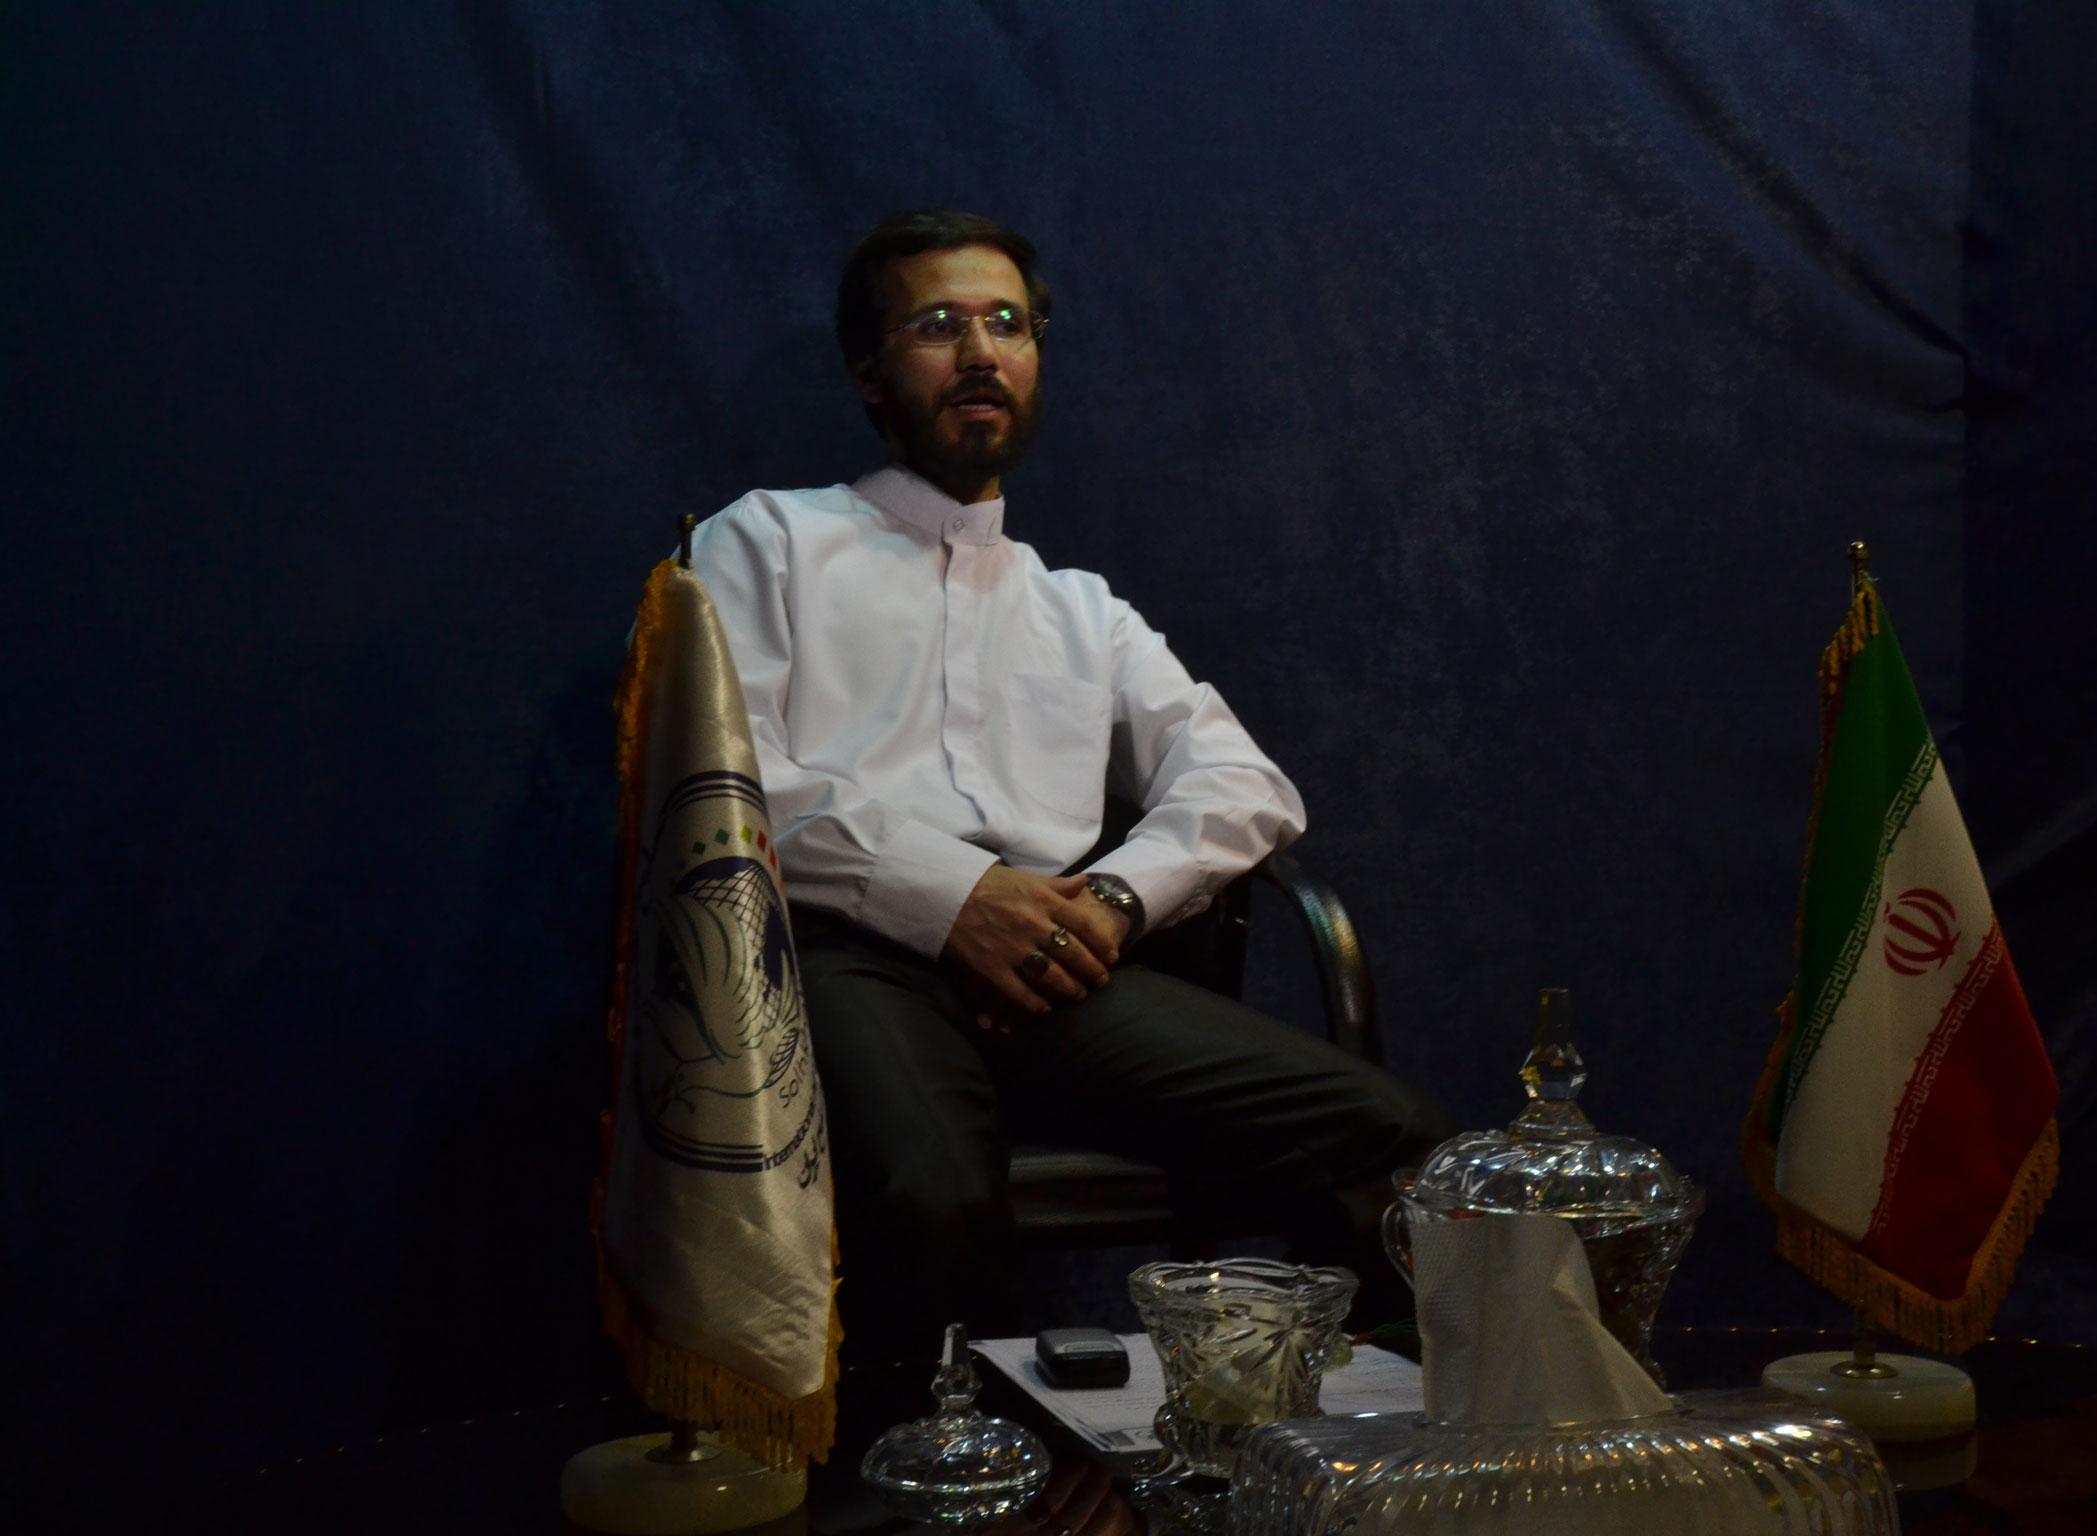 گفتگو خبرگزاری بین المللی صلح با مهندس حسینی